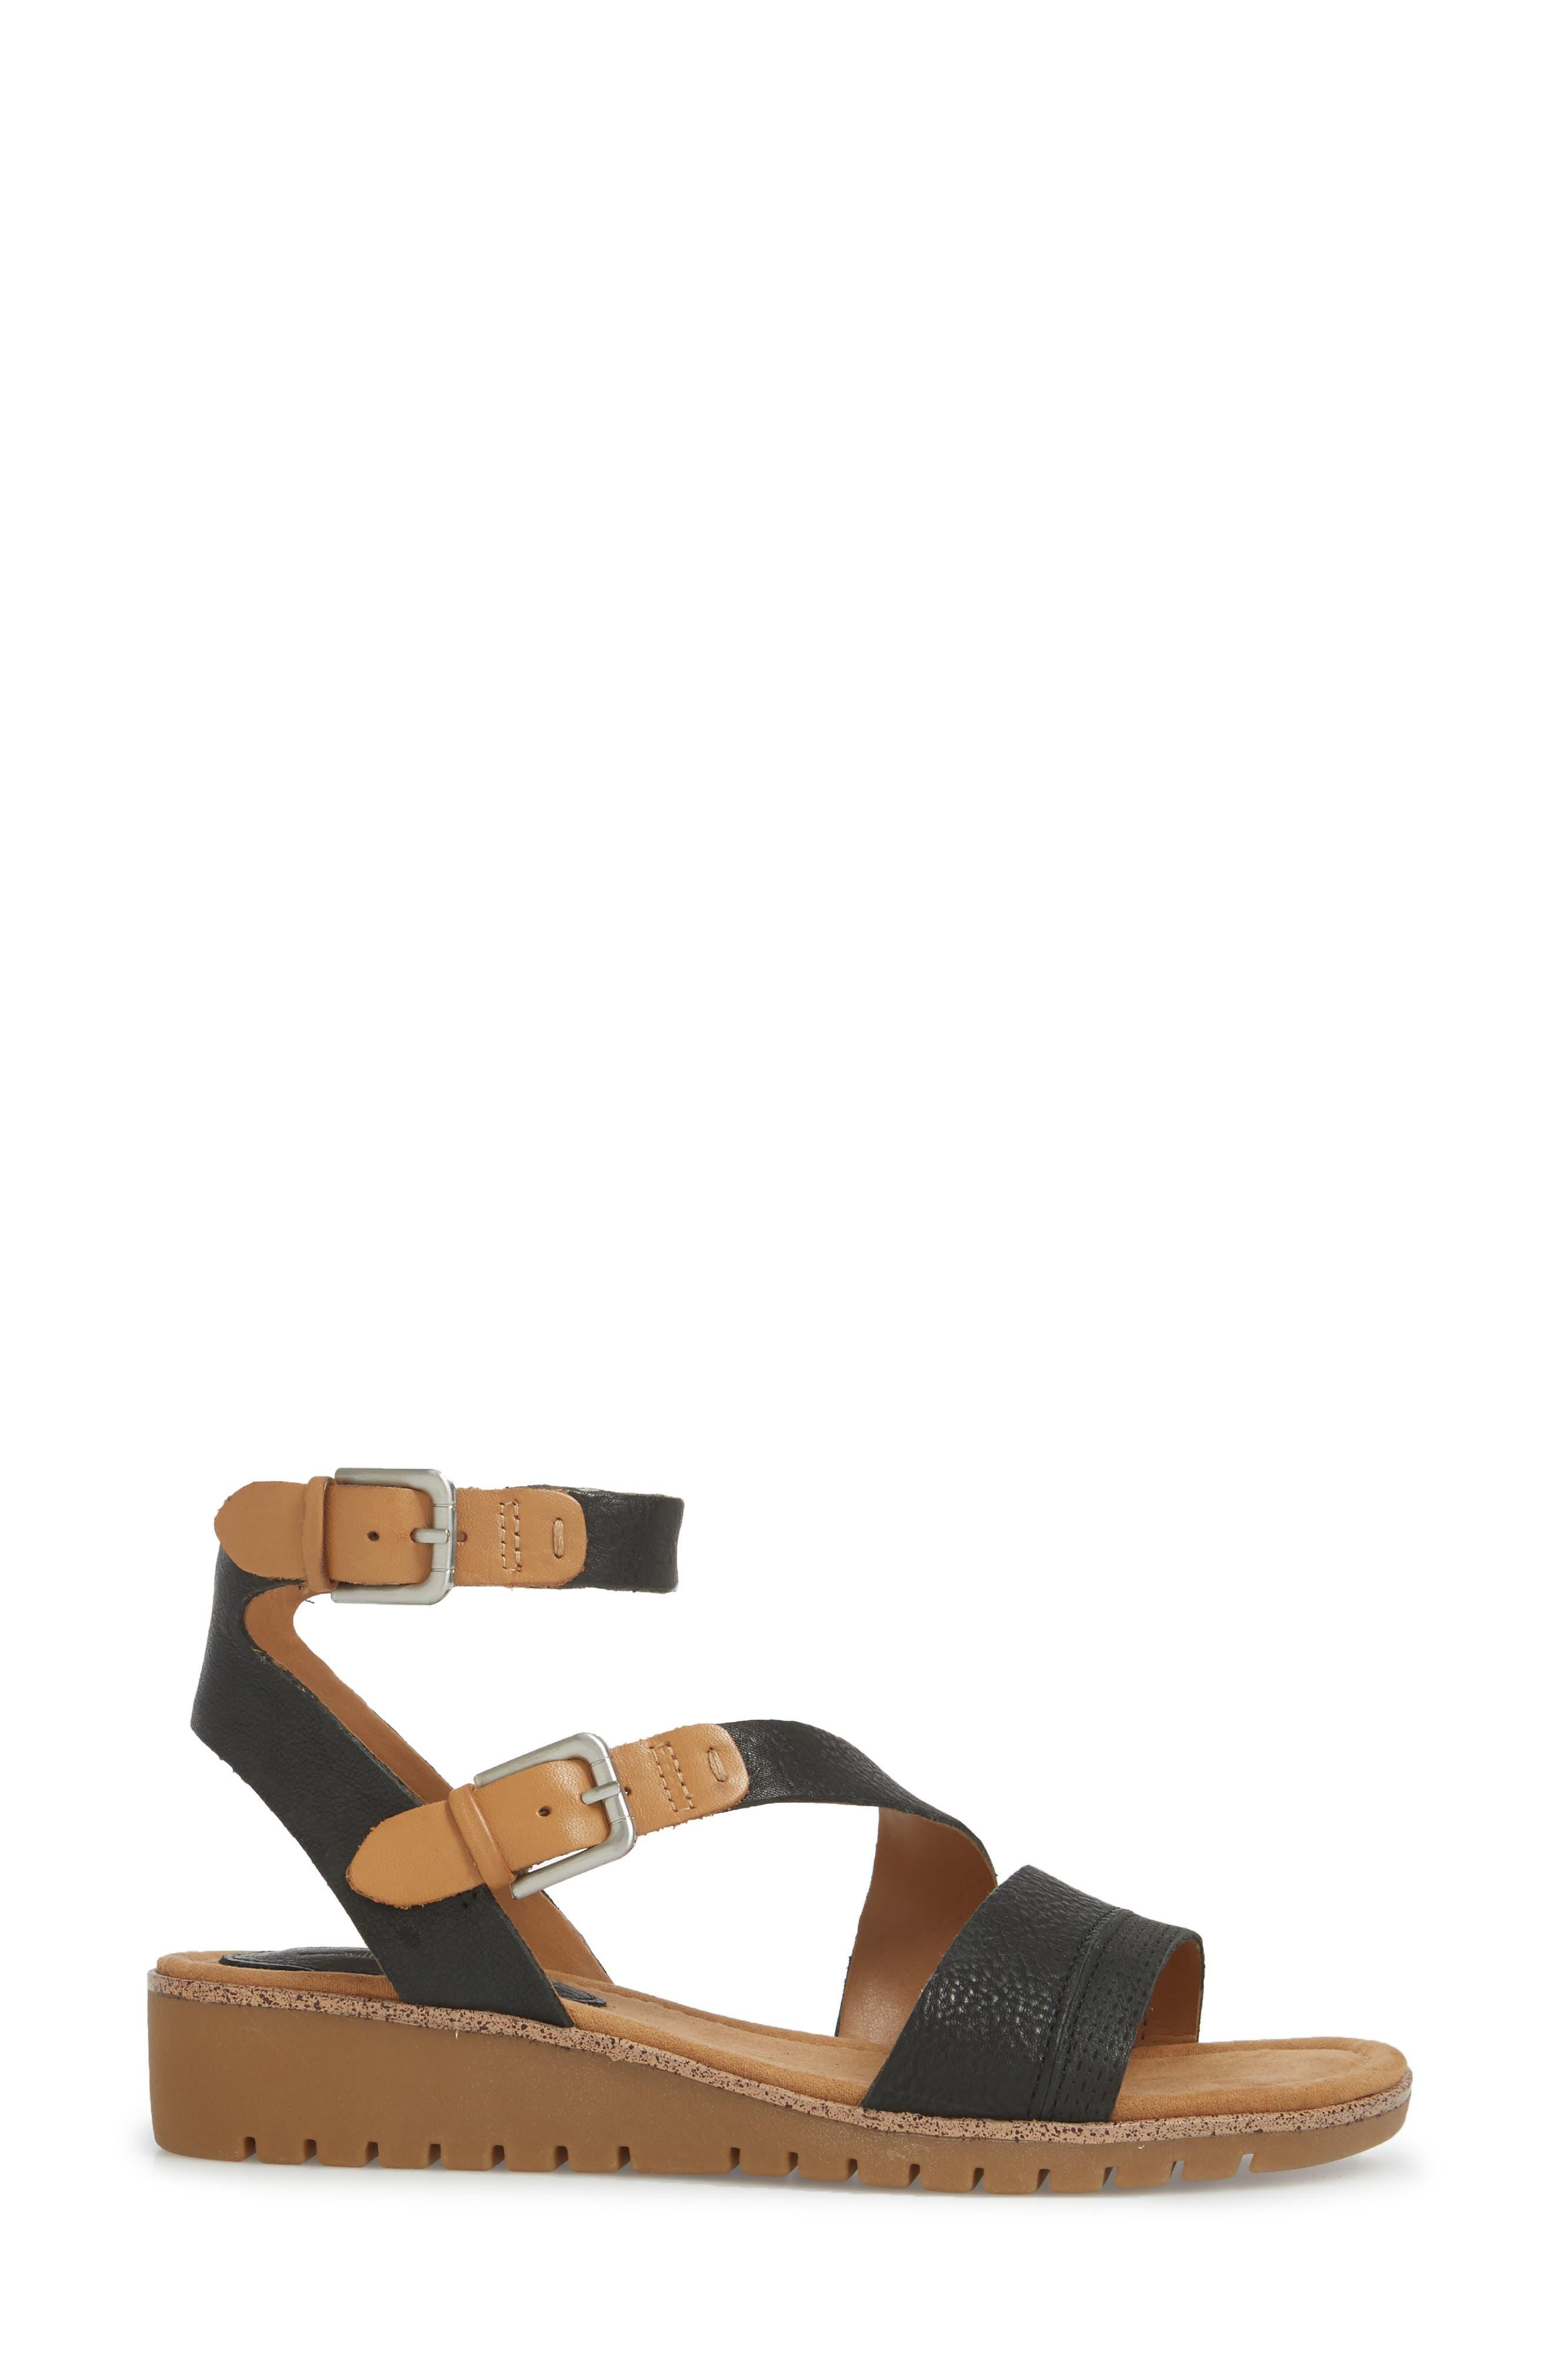 Corvina Sandal,                             Alternate thumbnail 3, color,                             Black/ Sand Leather